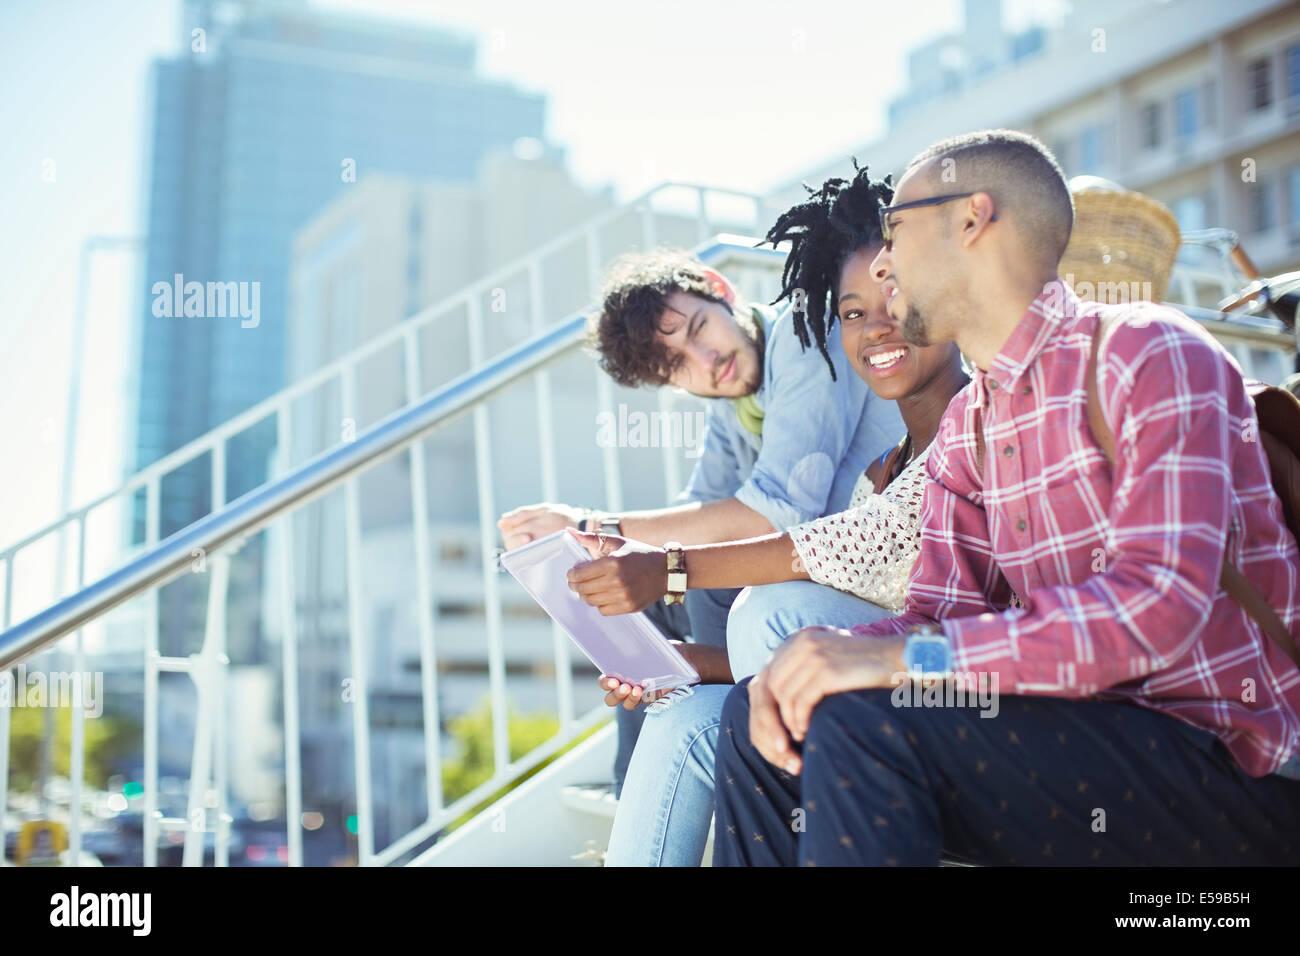 Amici seduti sulle fasi della città Immagini Stock